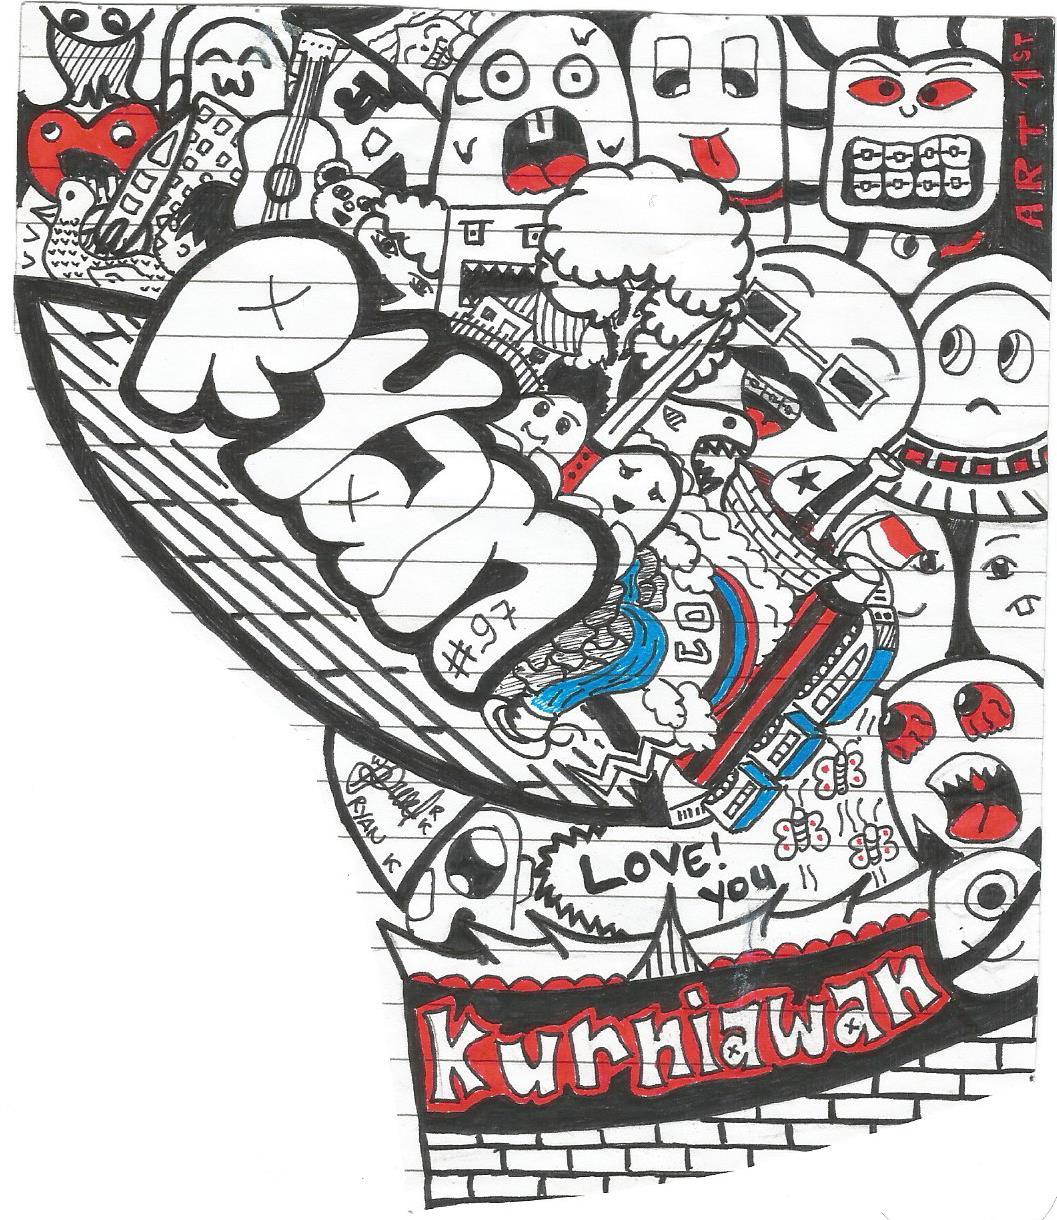 Gambar Grafiti Doodle Nama  Sobgrafiti